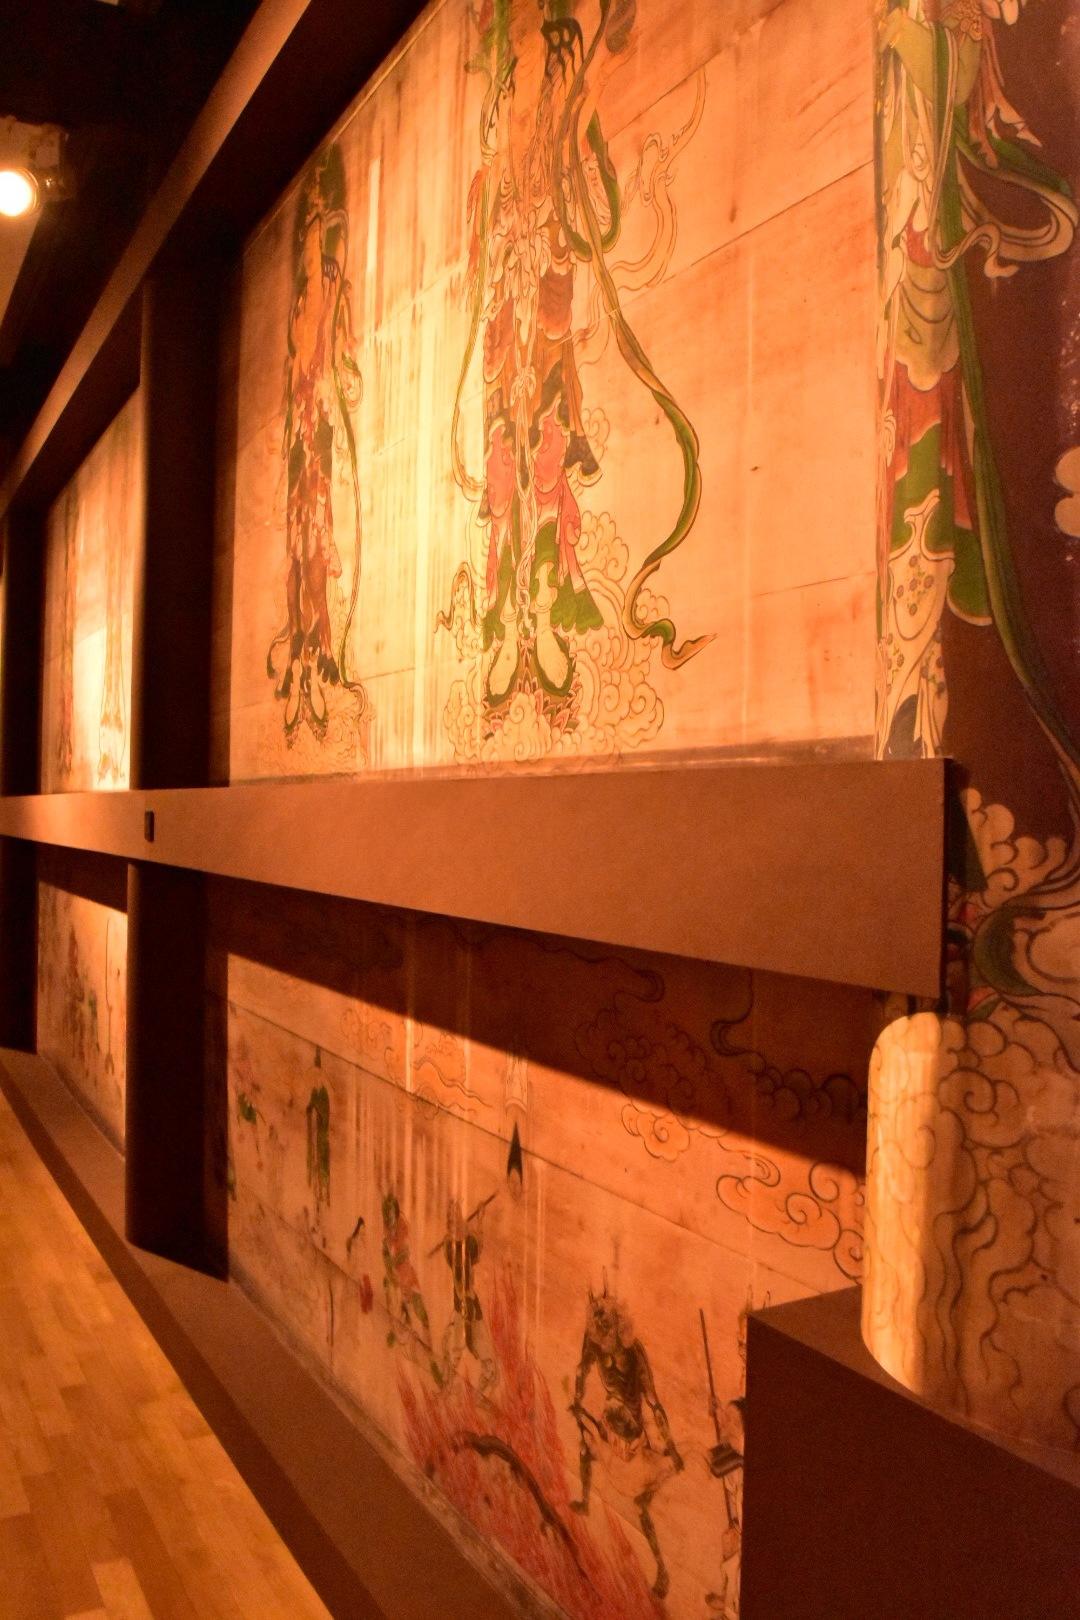 仁和寺 観音堂 壁画の再現